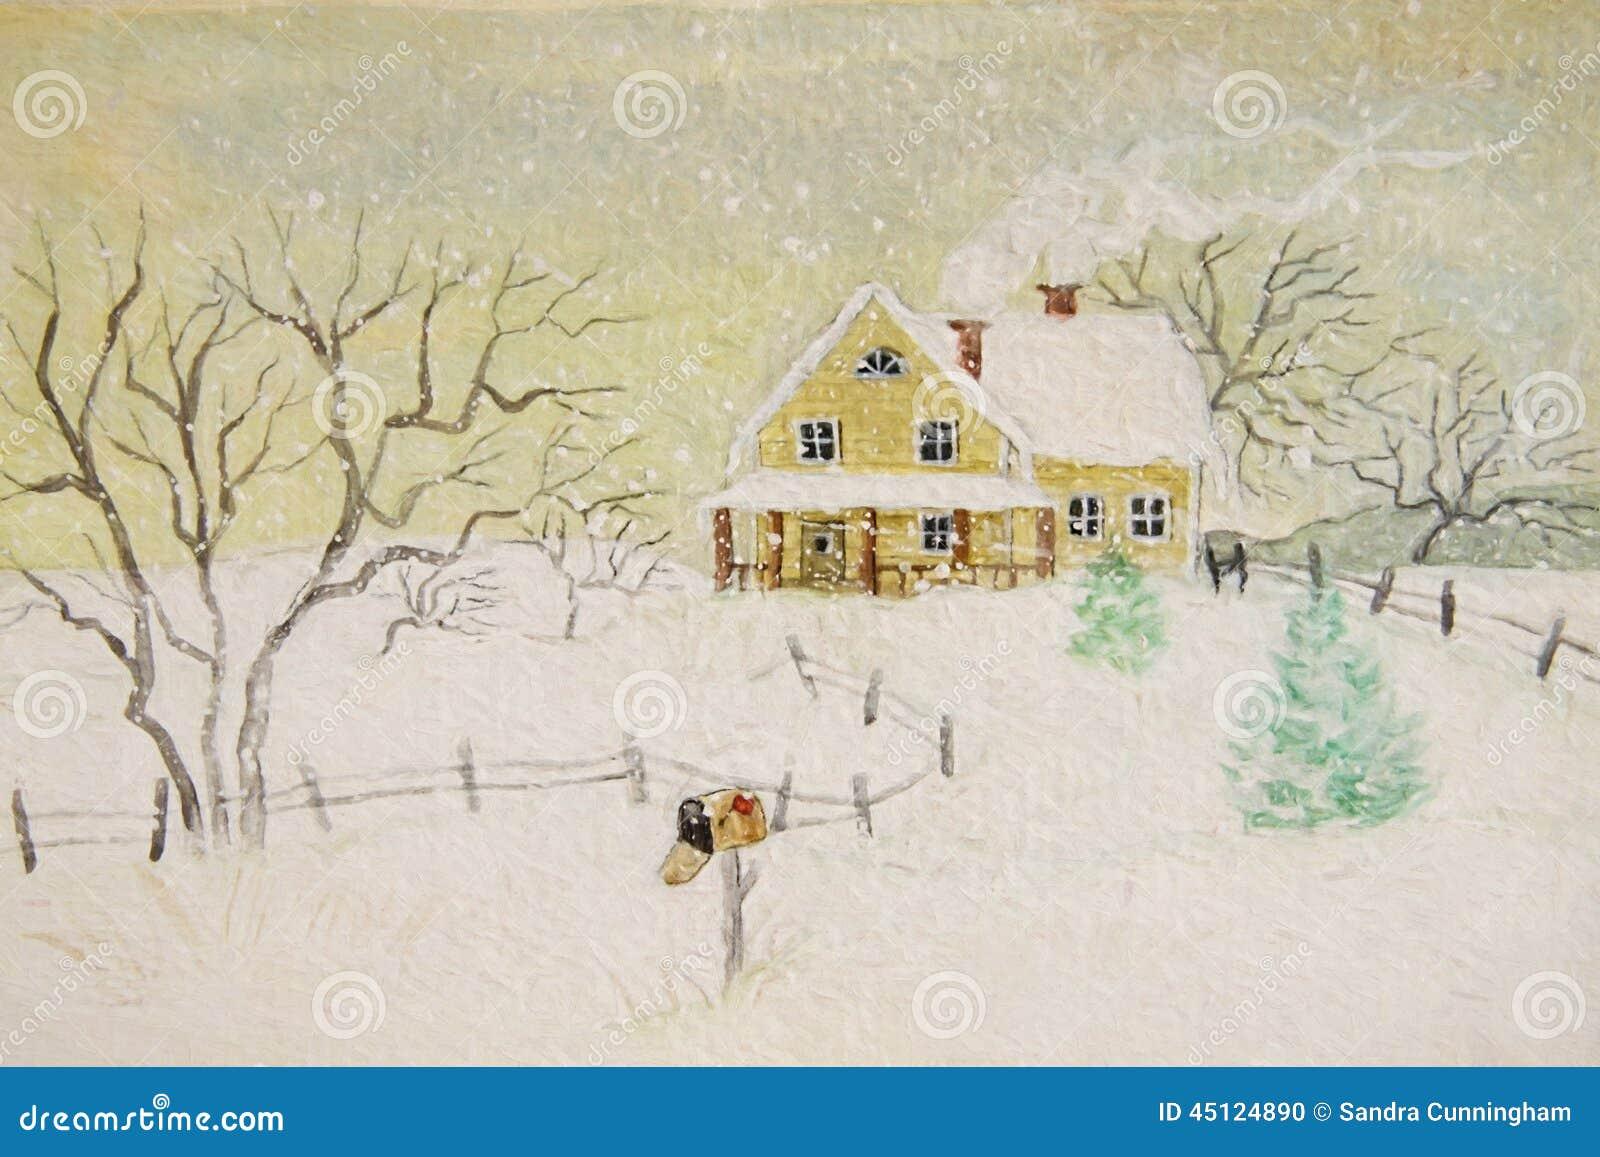 Peinture d 39 hiver de maison avec la bo te aux lettres illustration stock image 45124890 - La maison de la peinture ...